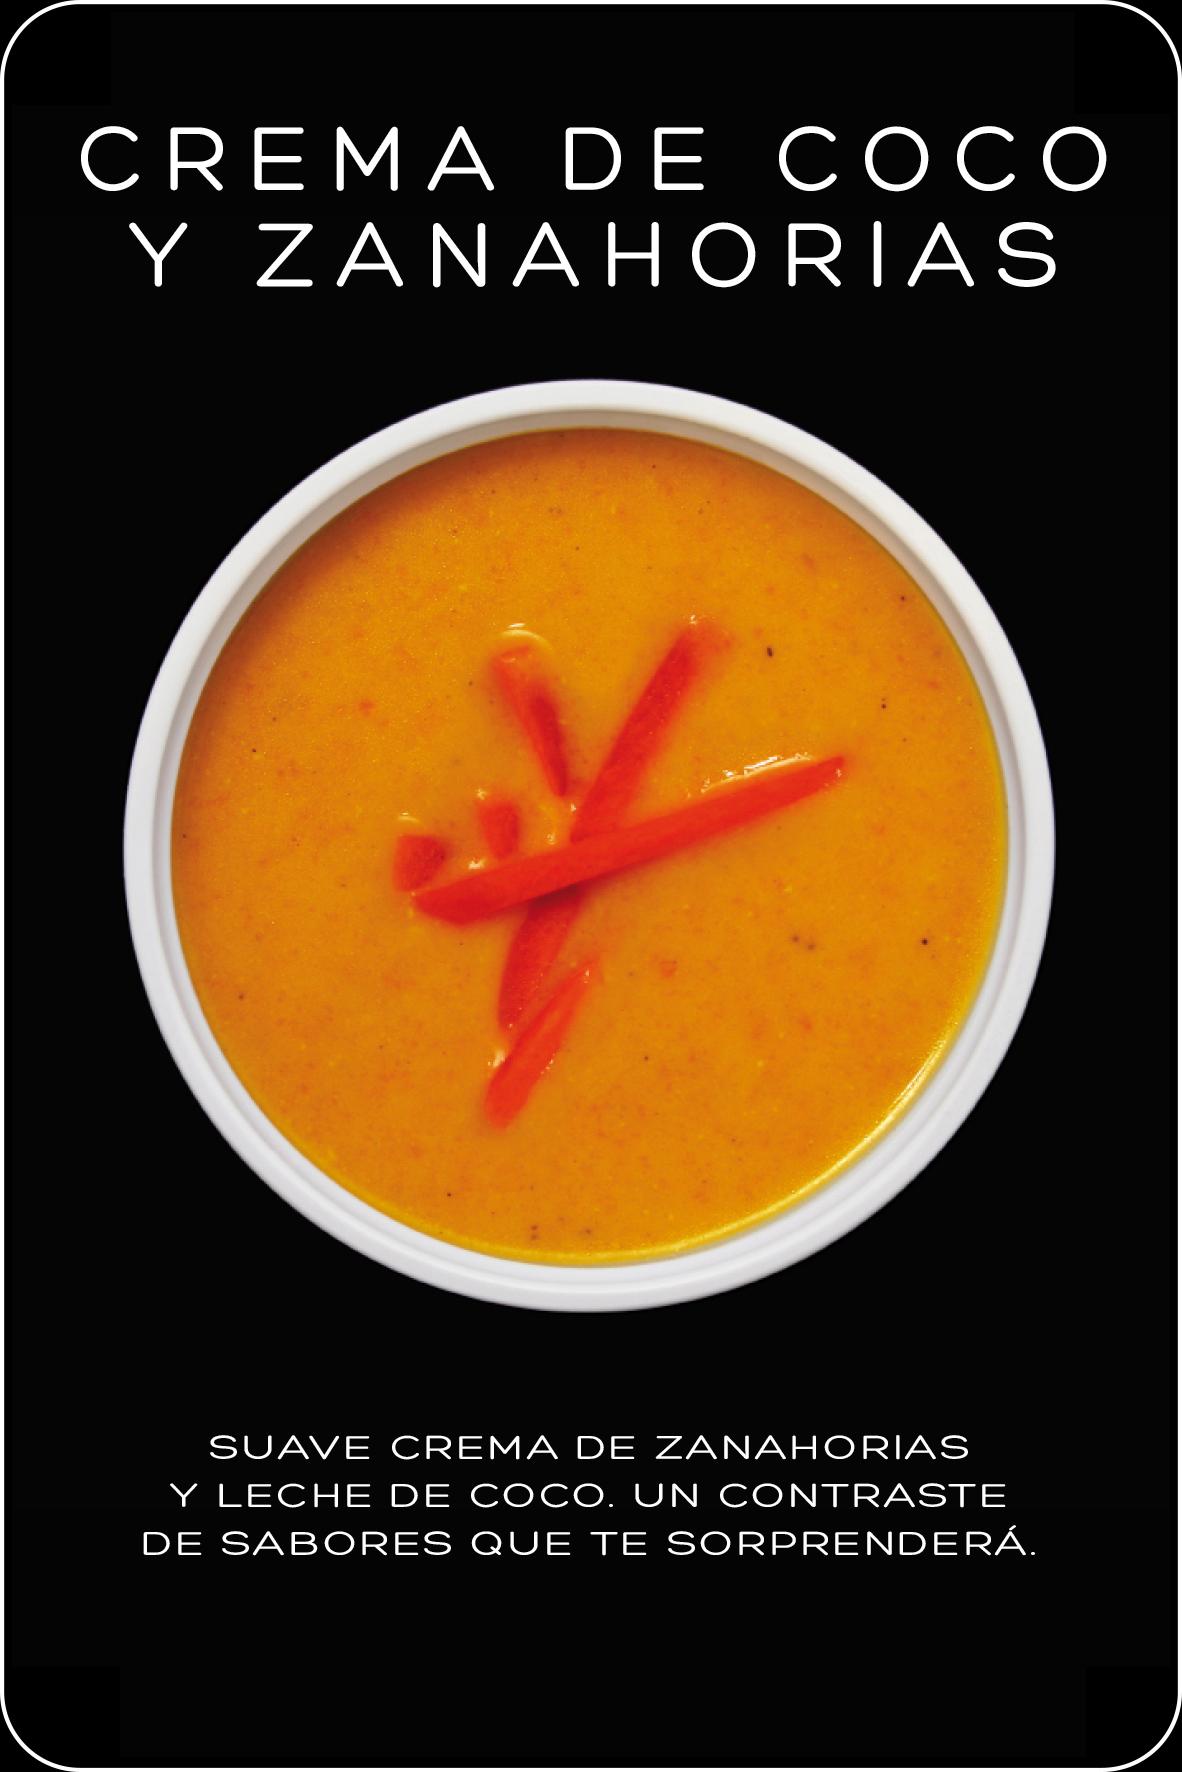 COCO Y ZANAHORIAS+BORDE.jpg